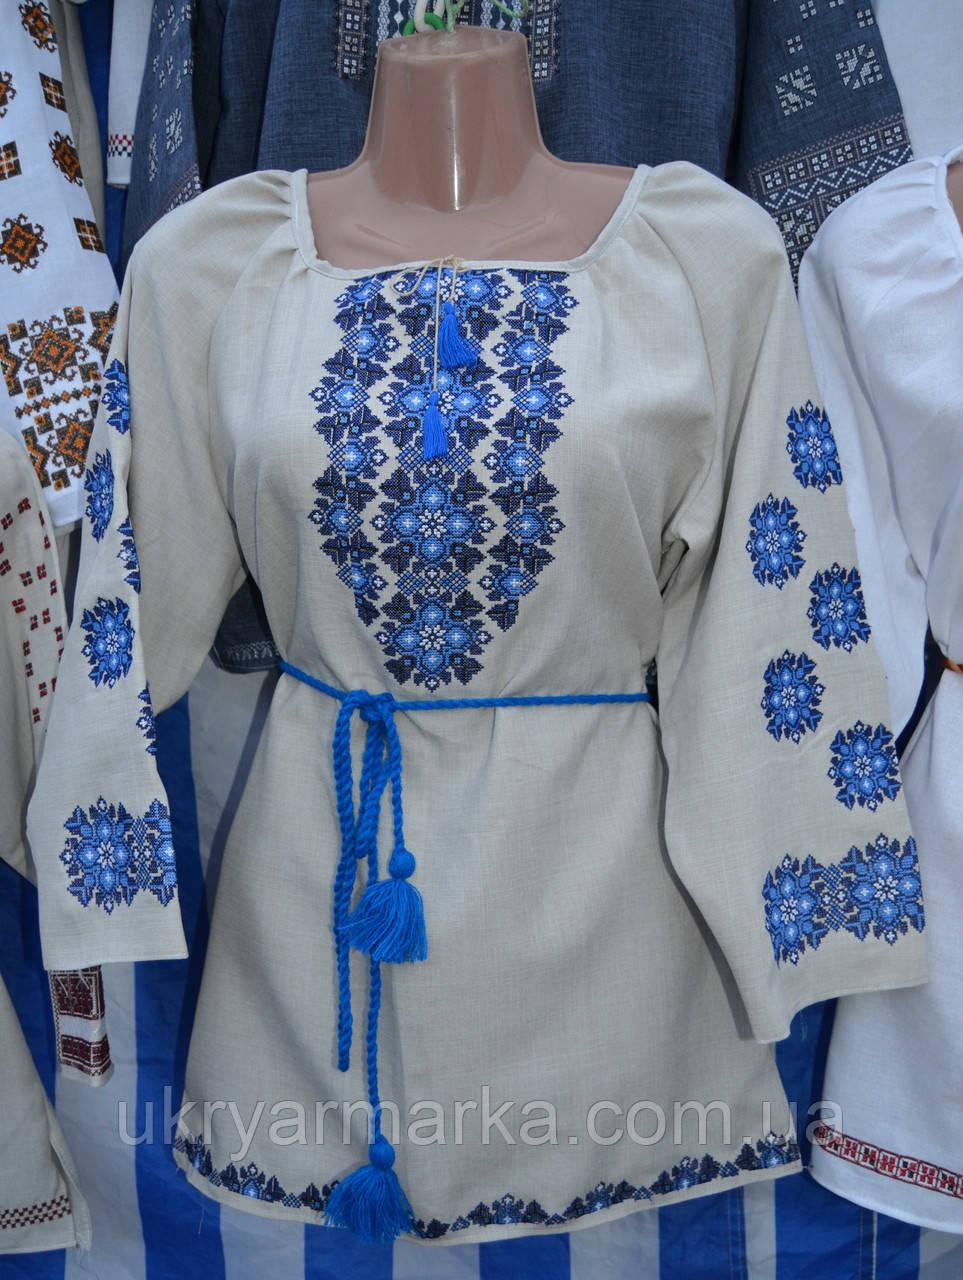 Блузка Вышиванка Купить В Омске